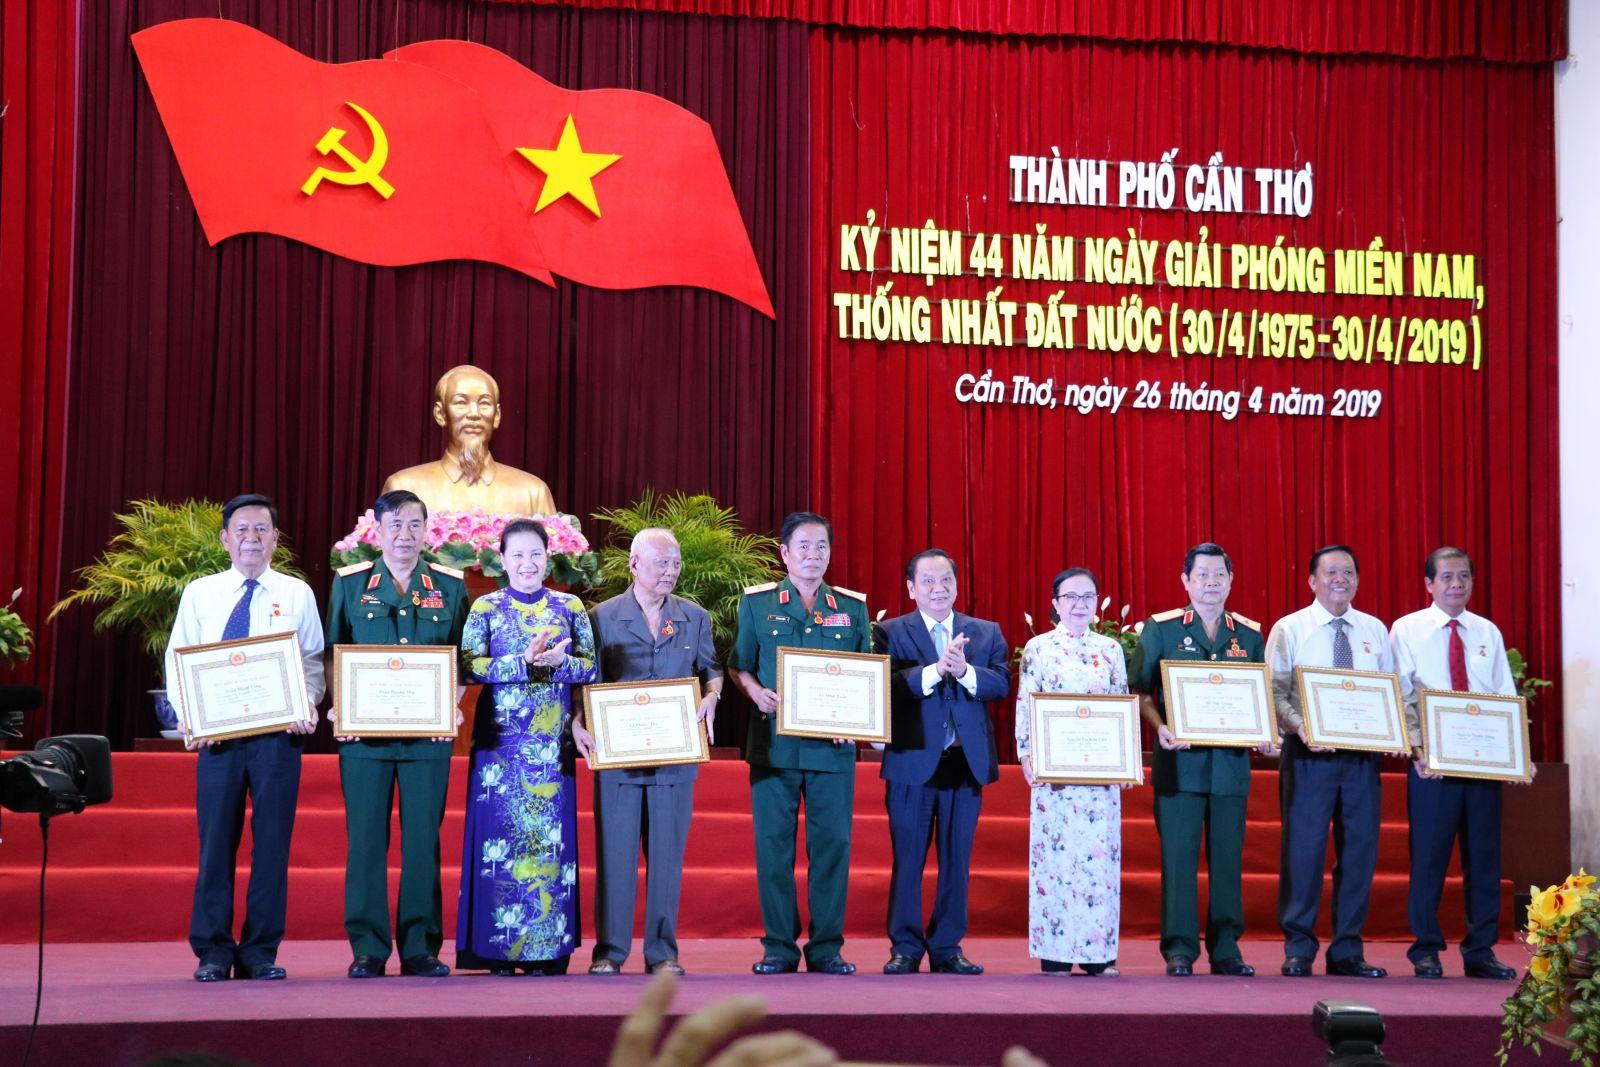 Đồng chí Nguyễn Thị Kim Ngân, Ủy viên Bộ Chính trị, Chủ tịch Quốc hội và đồng chí Trần Quốc Trung, Ủy viên Trung ương Đảng, Bí thư Thành ủy Cần Thơ trao Huy hiệu Đảng cho các đảng viên cao tuổi Đảng.